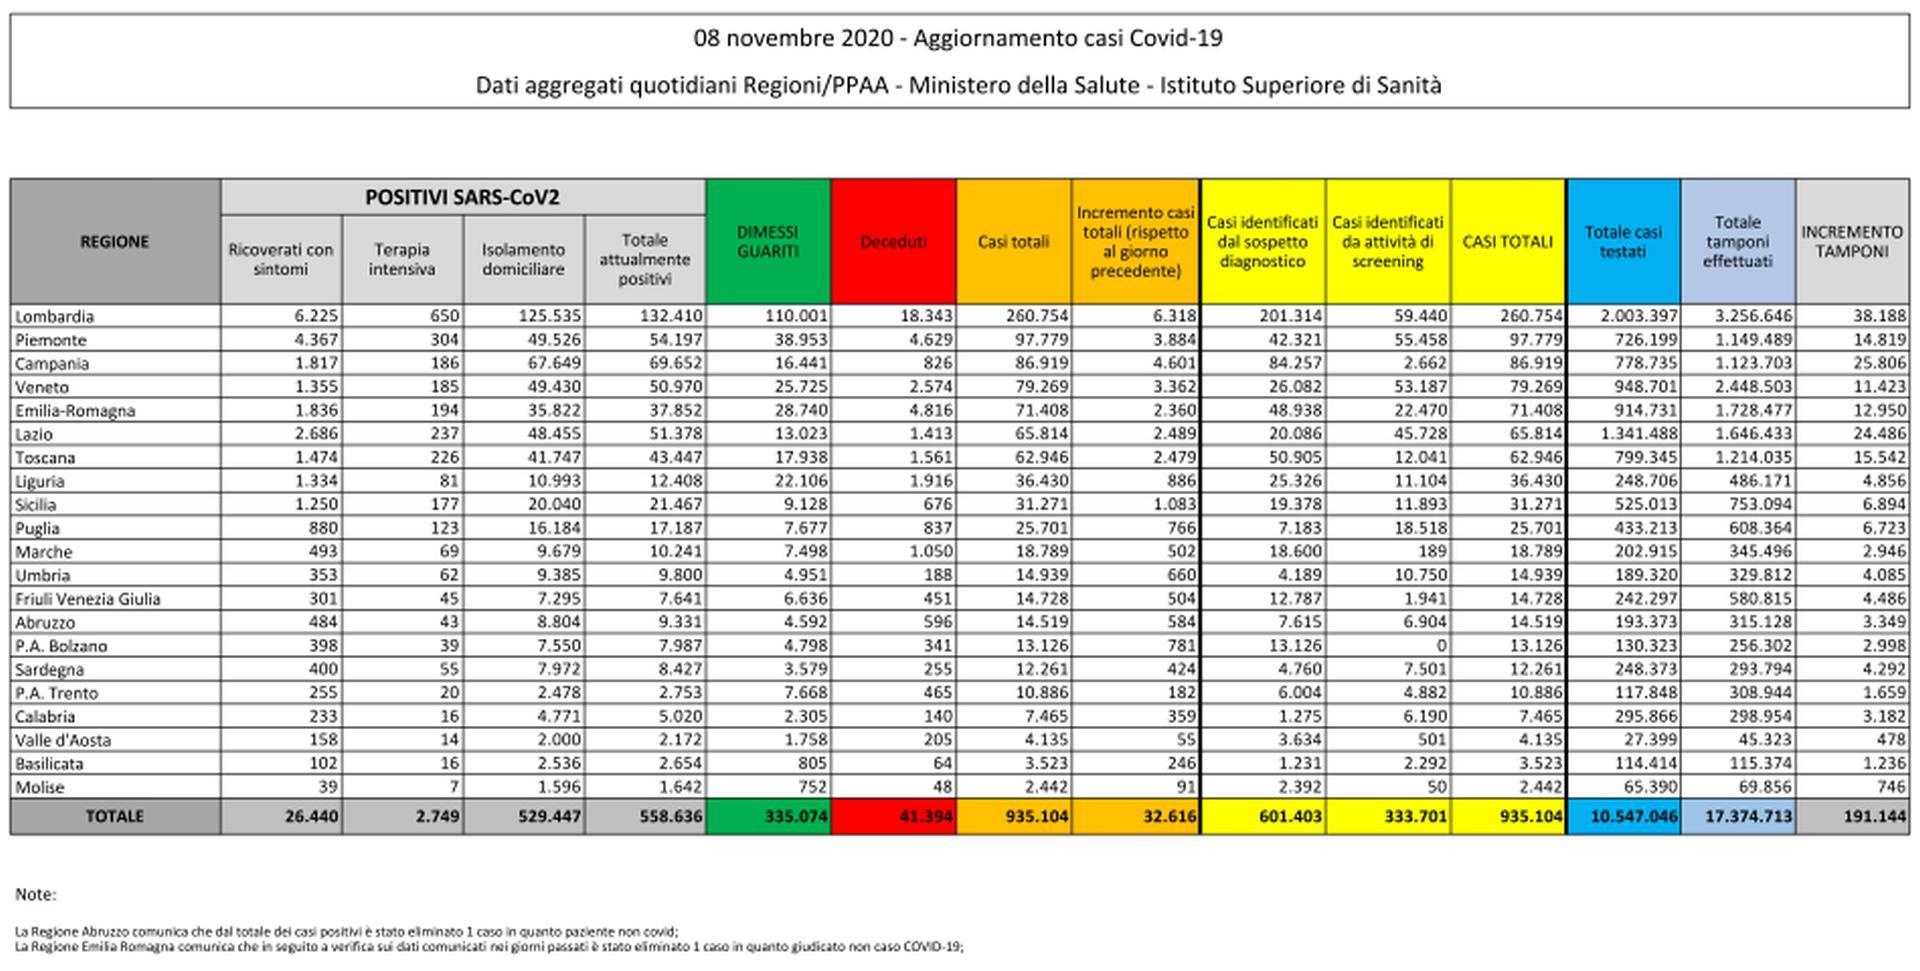 08 novembre 2020 - Aggiornamento casi Covid-19 Dati aggregati quotidiani Regioni/PPAA - Ministero della Salute - Istituto Superiore di Sanità